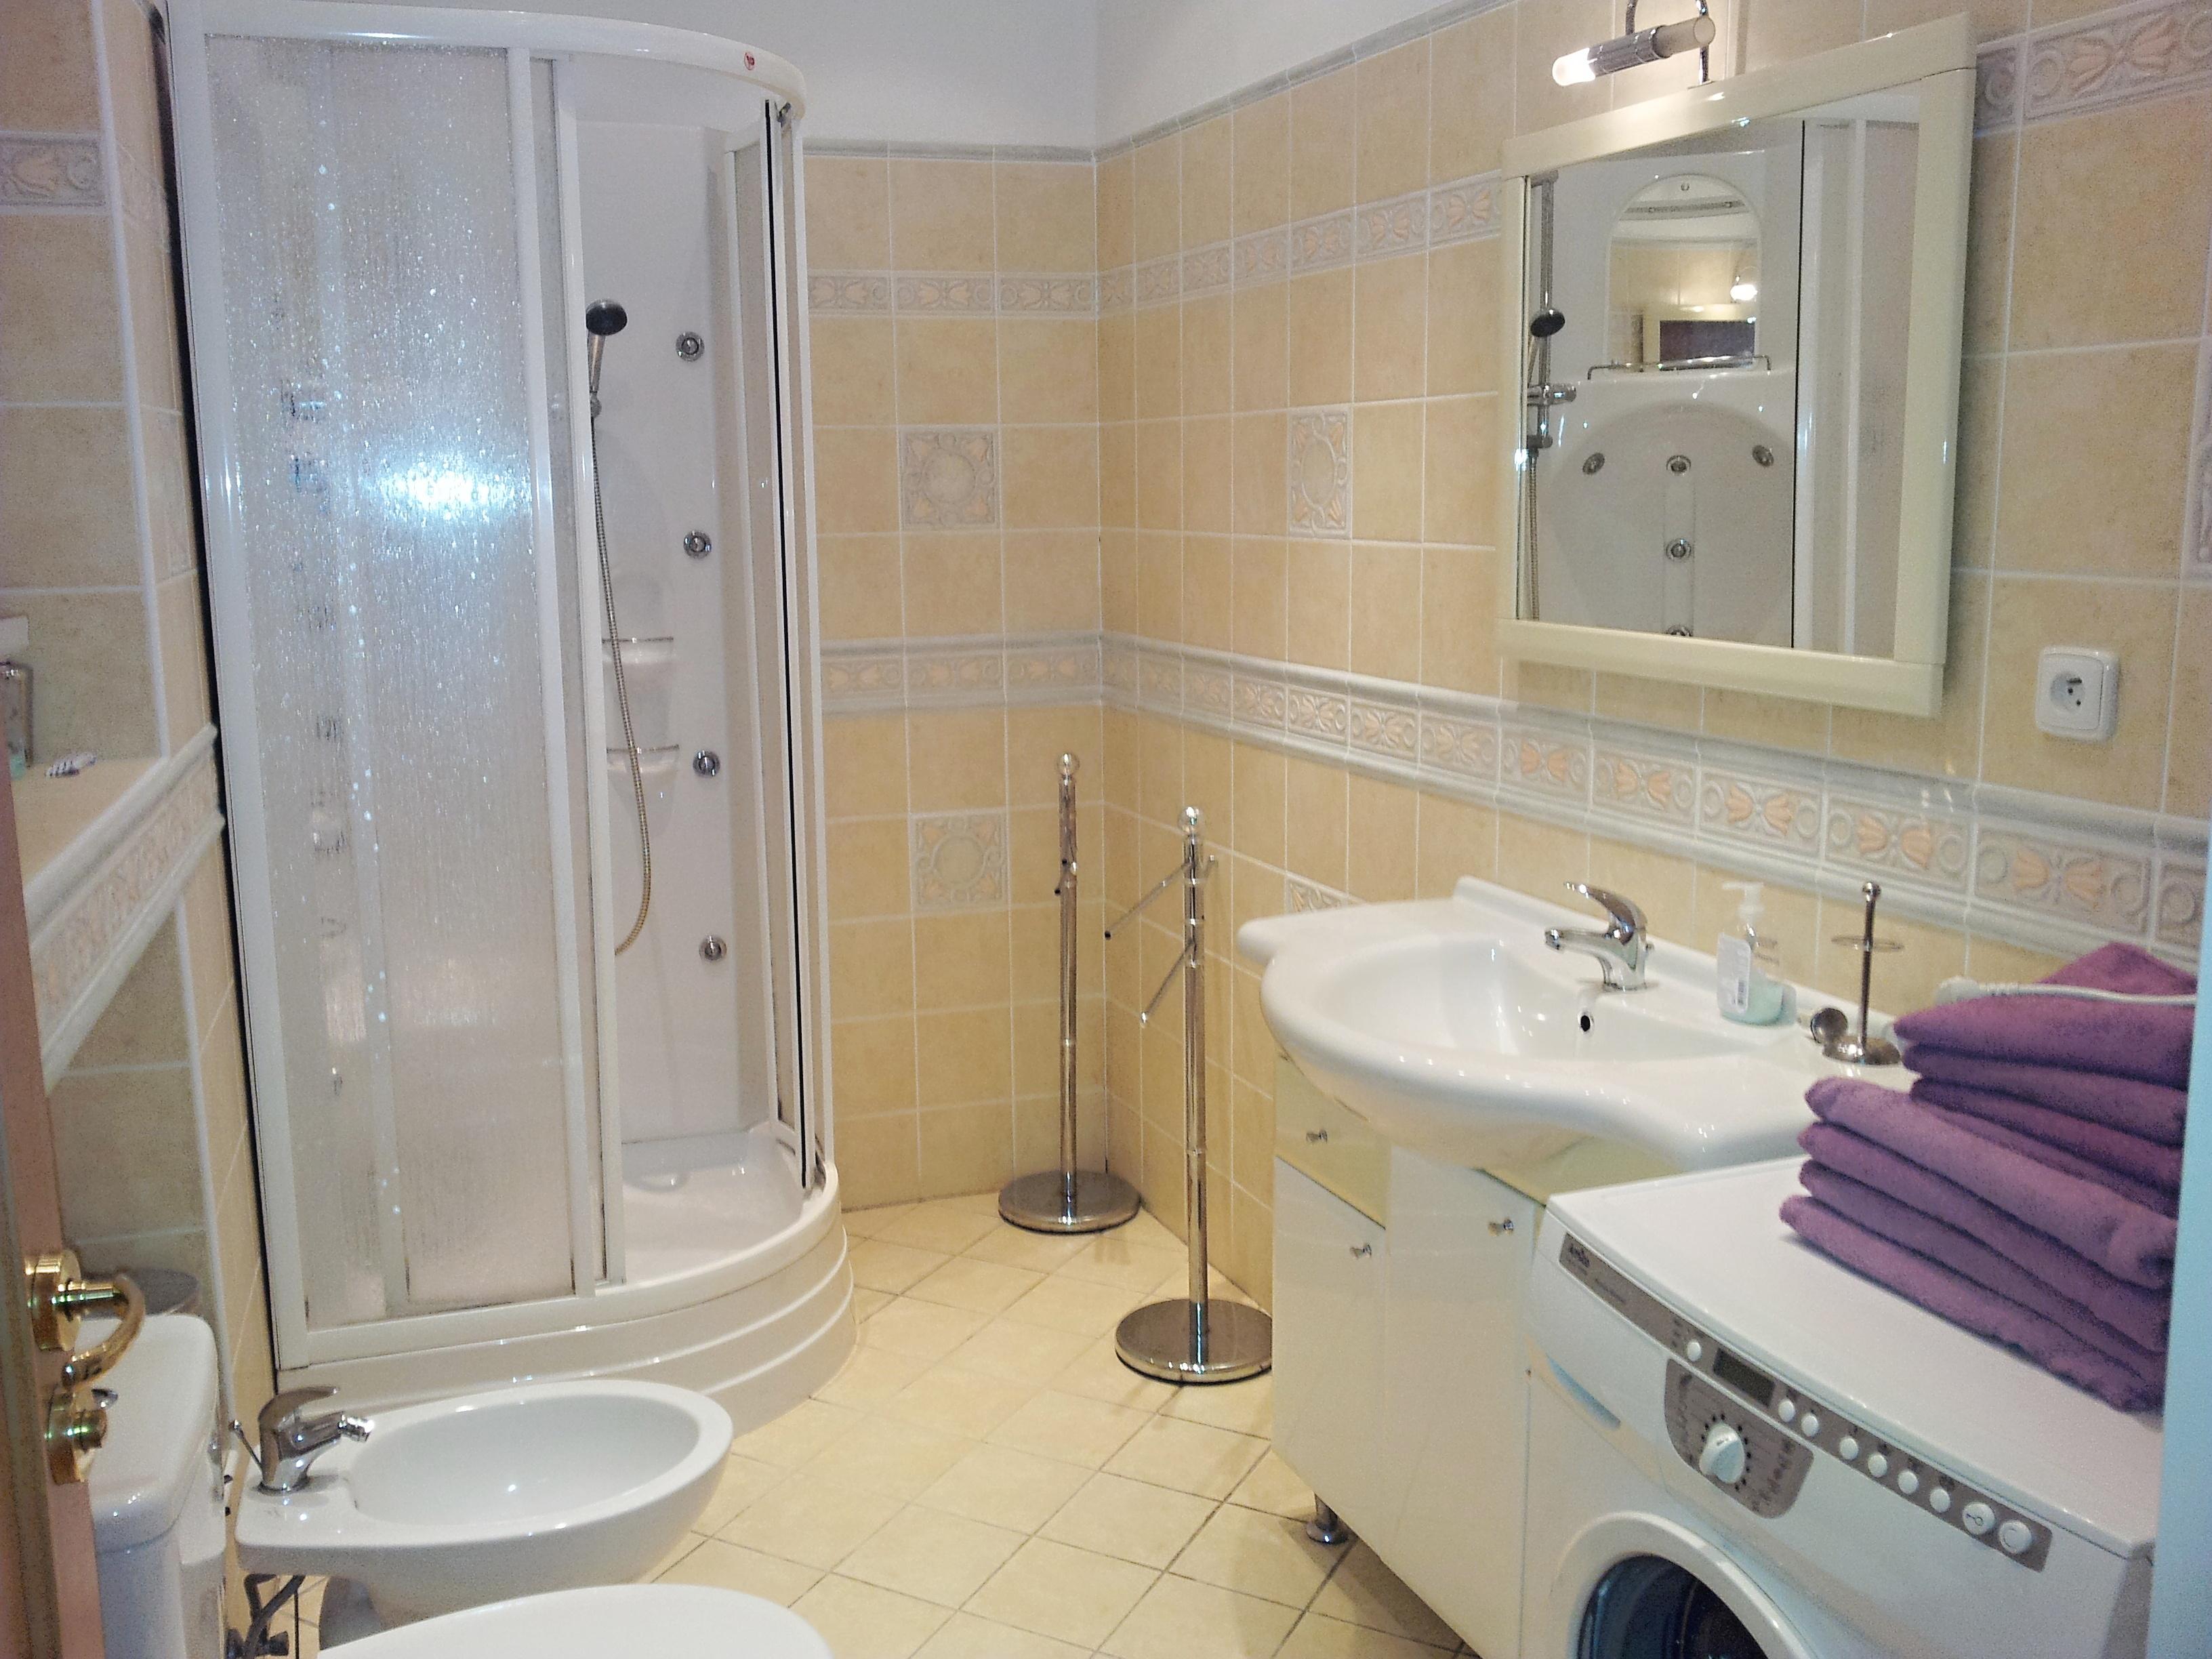 apartments Karlovy Vary 8.jpg